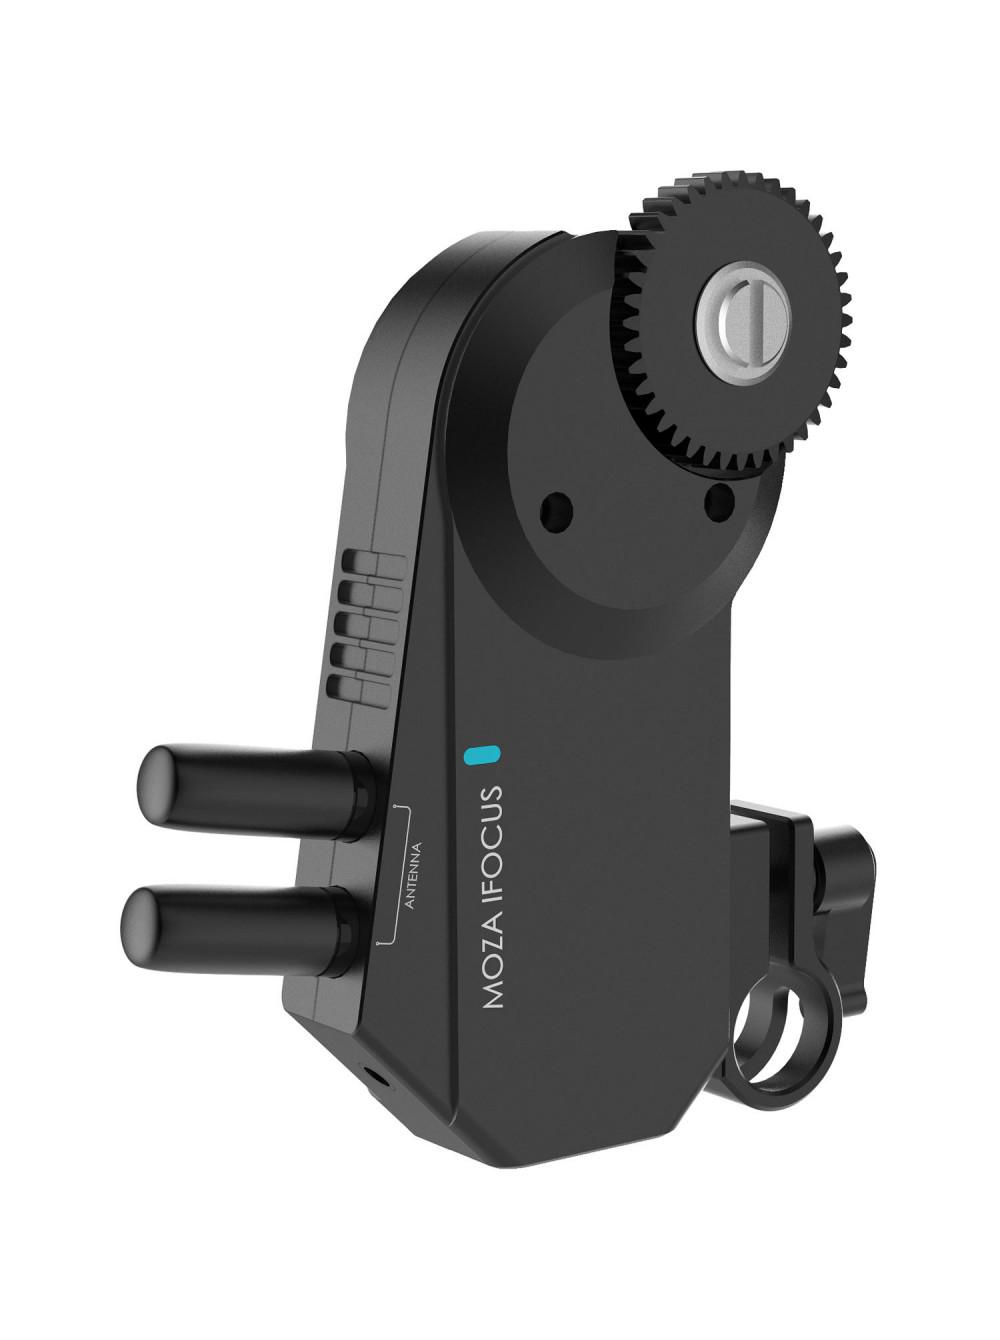 Follow Focus двигатель для Moza iFocus Control Systems